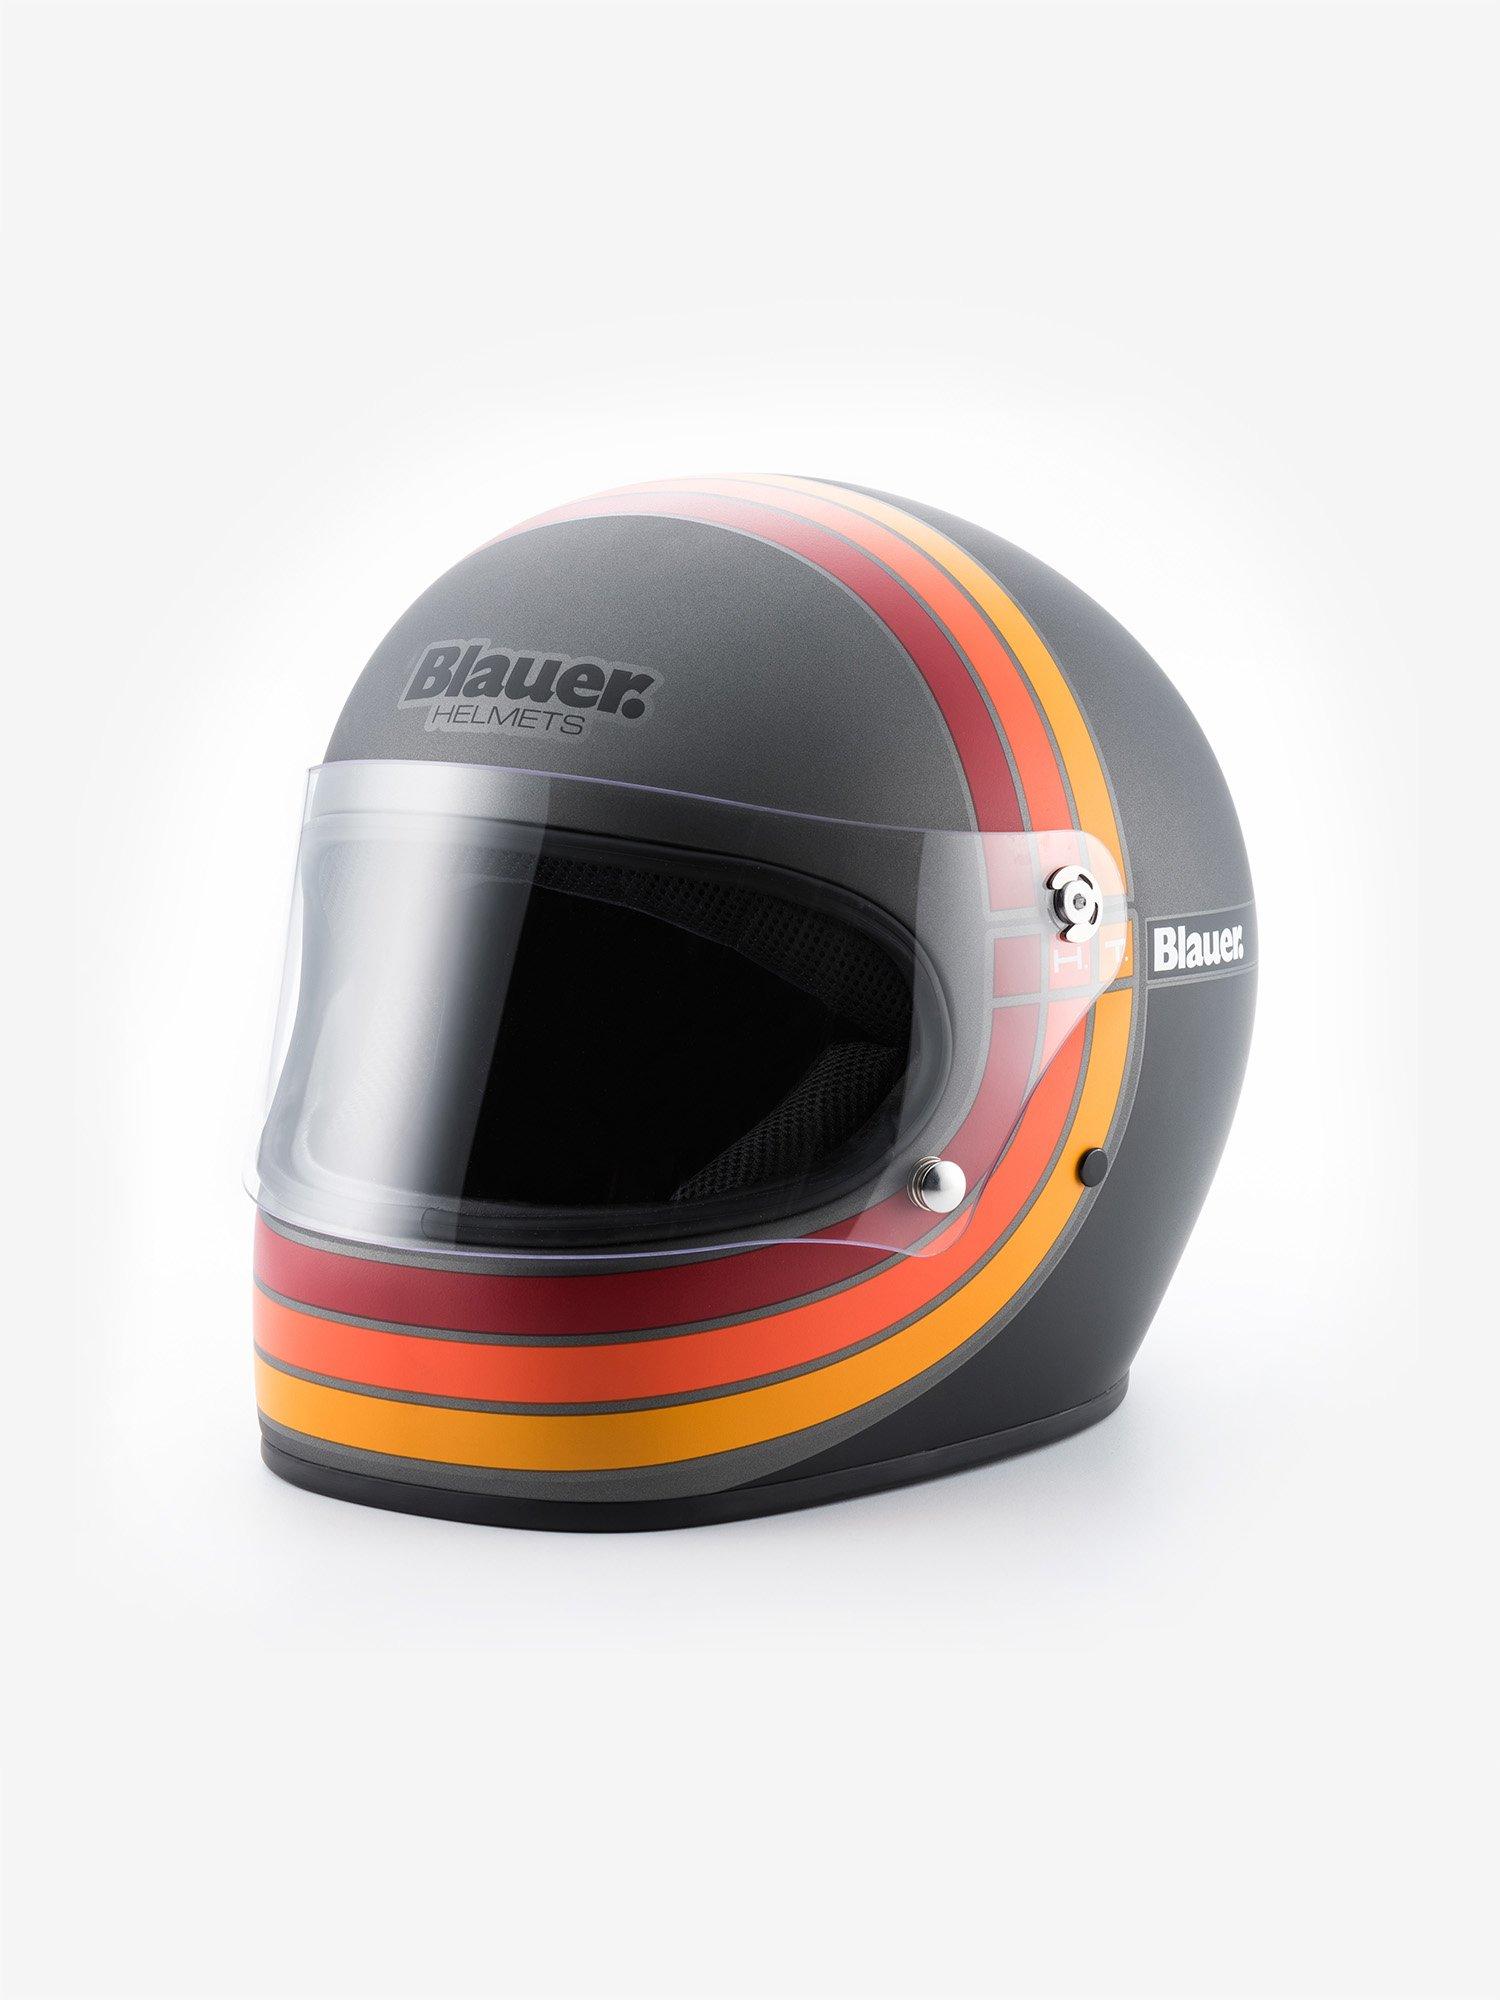 Blauer - 80s ШЛЕМ - Titanium Matt - Blauer